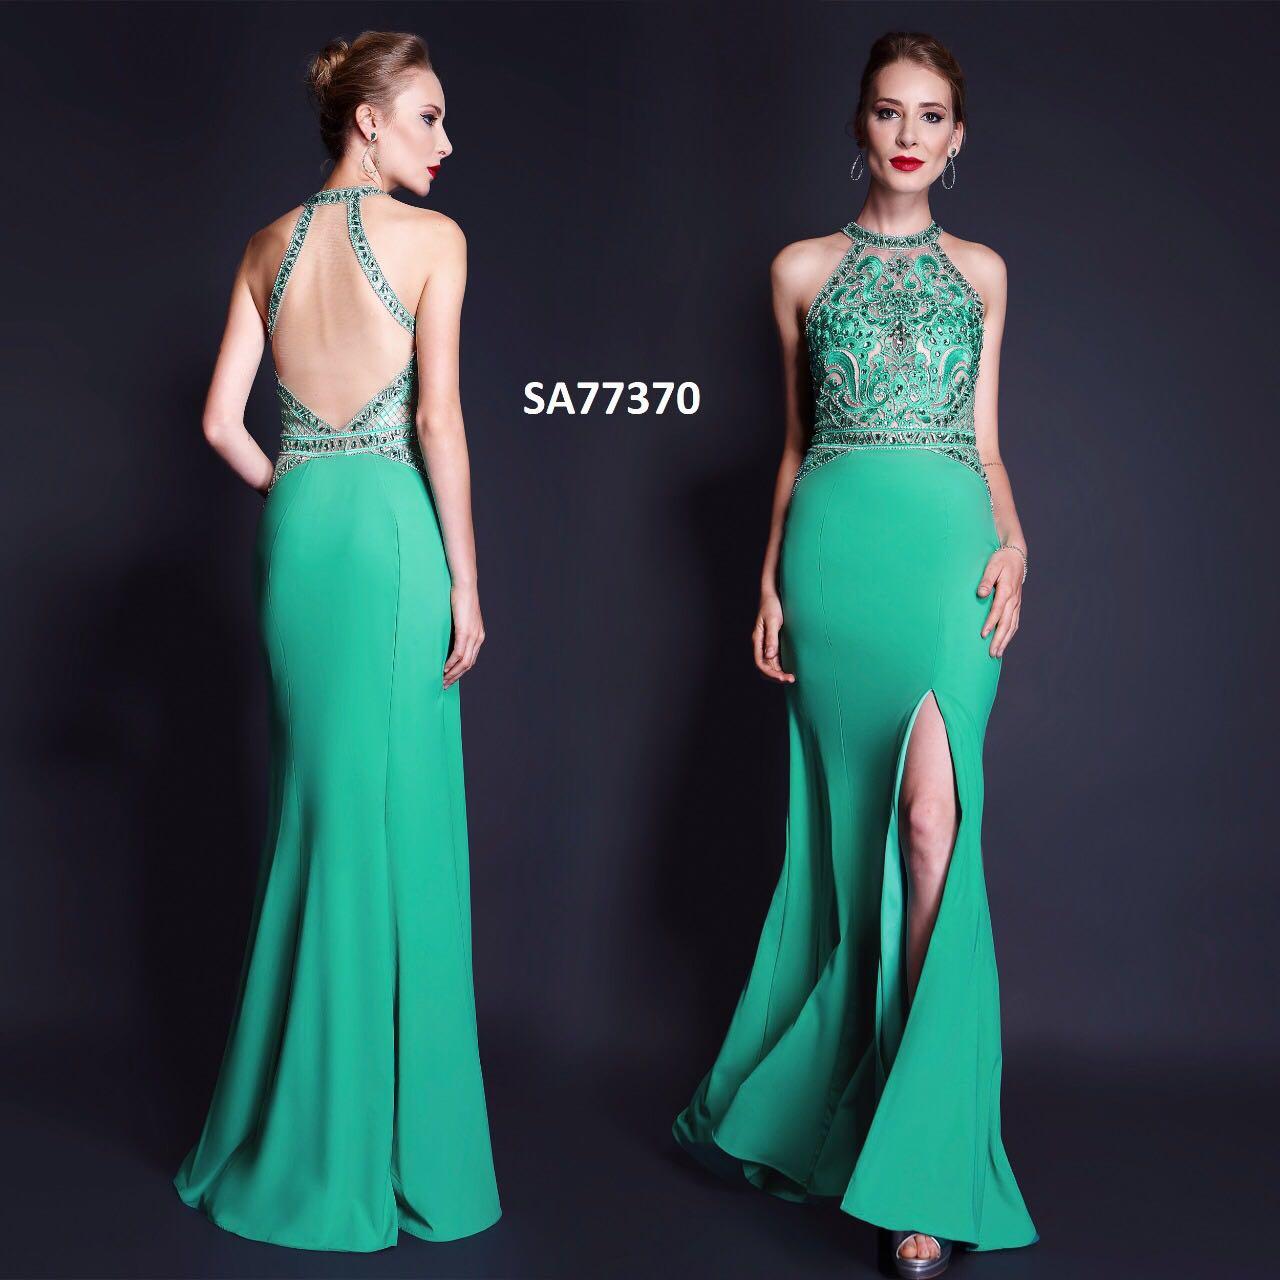 Vestido de festa na cor verde